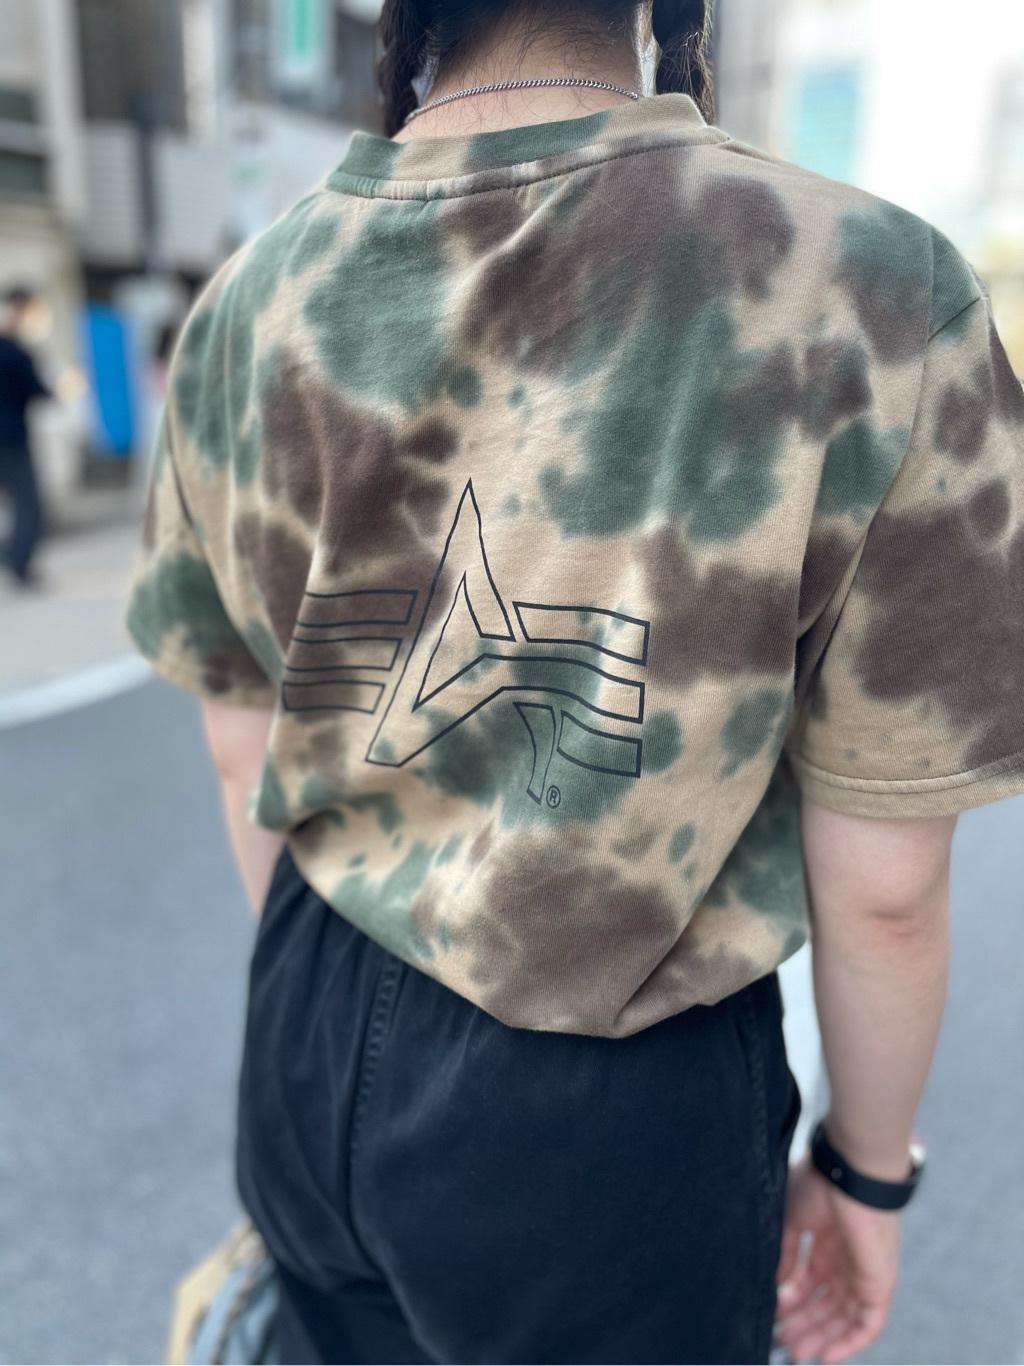 ALPHA SHOP渋谷店のmoe さんのALPHAの【ALPHA×GRAMICCI(グラミチ)】タイダイ ビックサイズ半袖Tシャツを使ったコーディネート